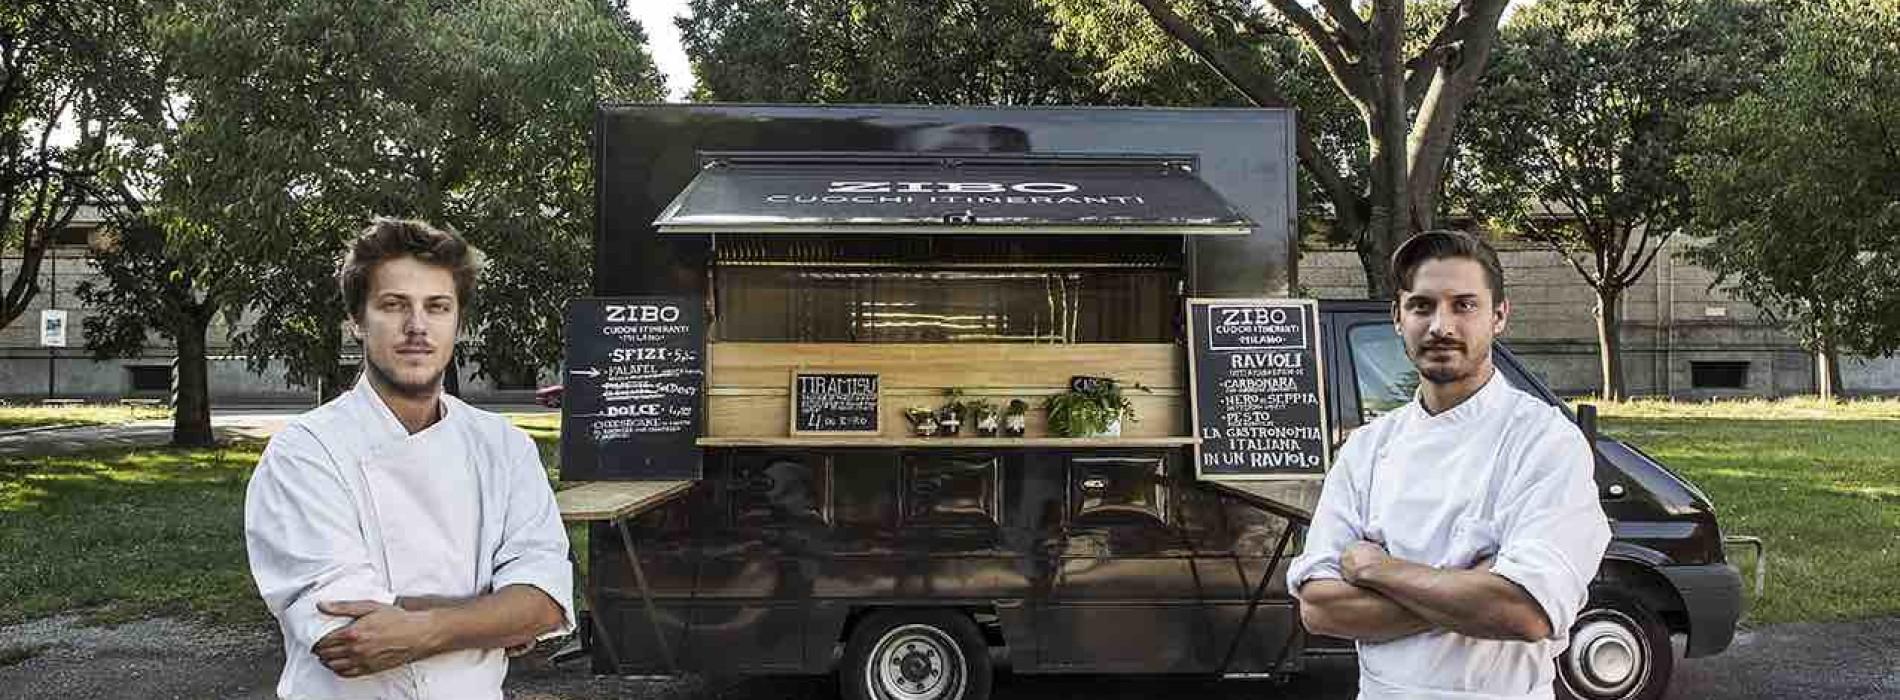 Zibo cuochi itineranti, food truck gourmet a Milano con mondeghili e ravioli alla carbonara